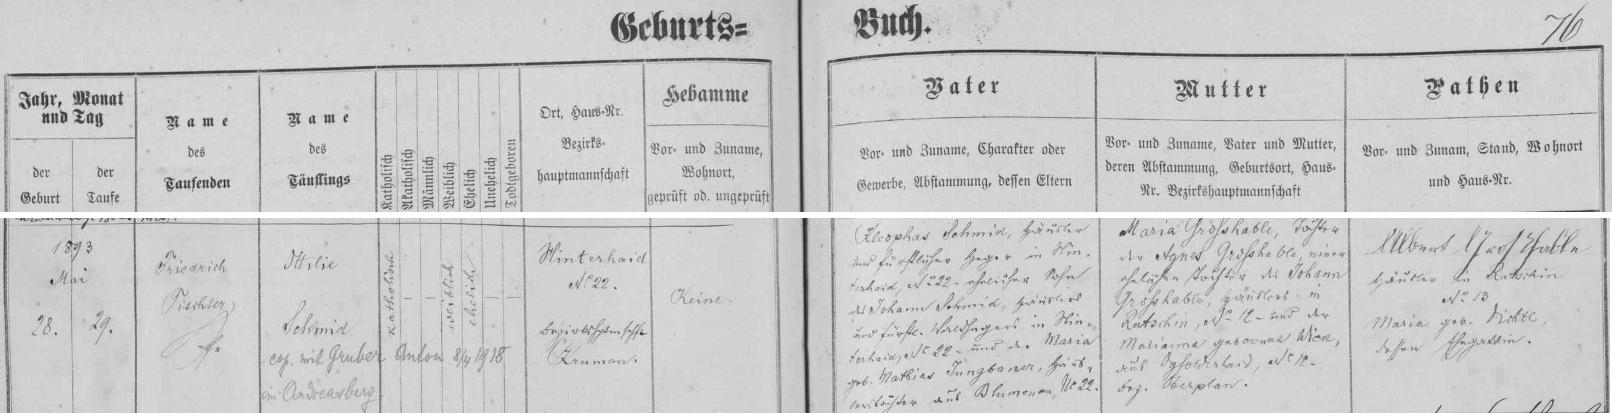 Záznam ondřejovské křestní matriky o narození jeho matky s pozdějším přípisem o její zdejší svatbě